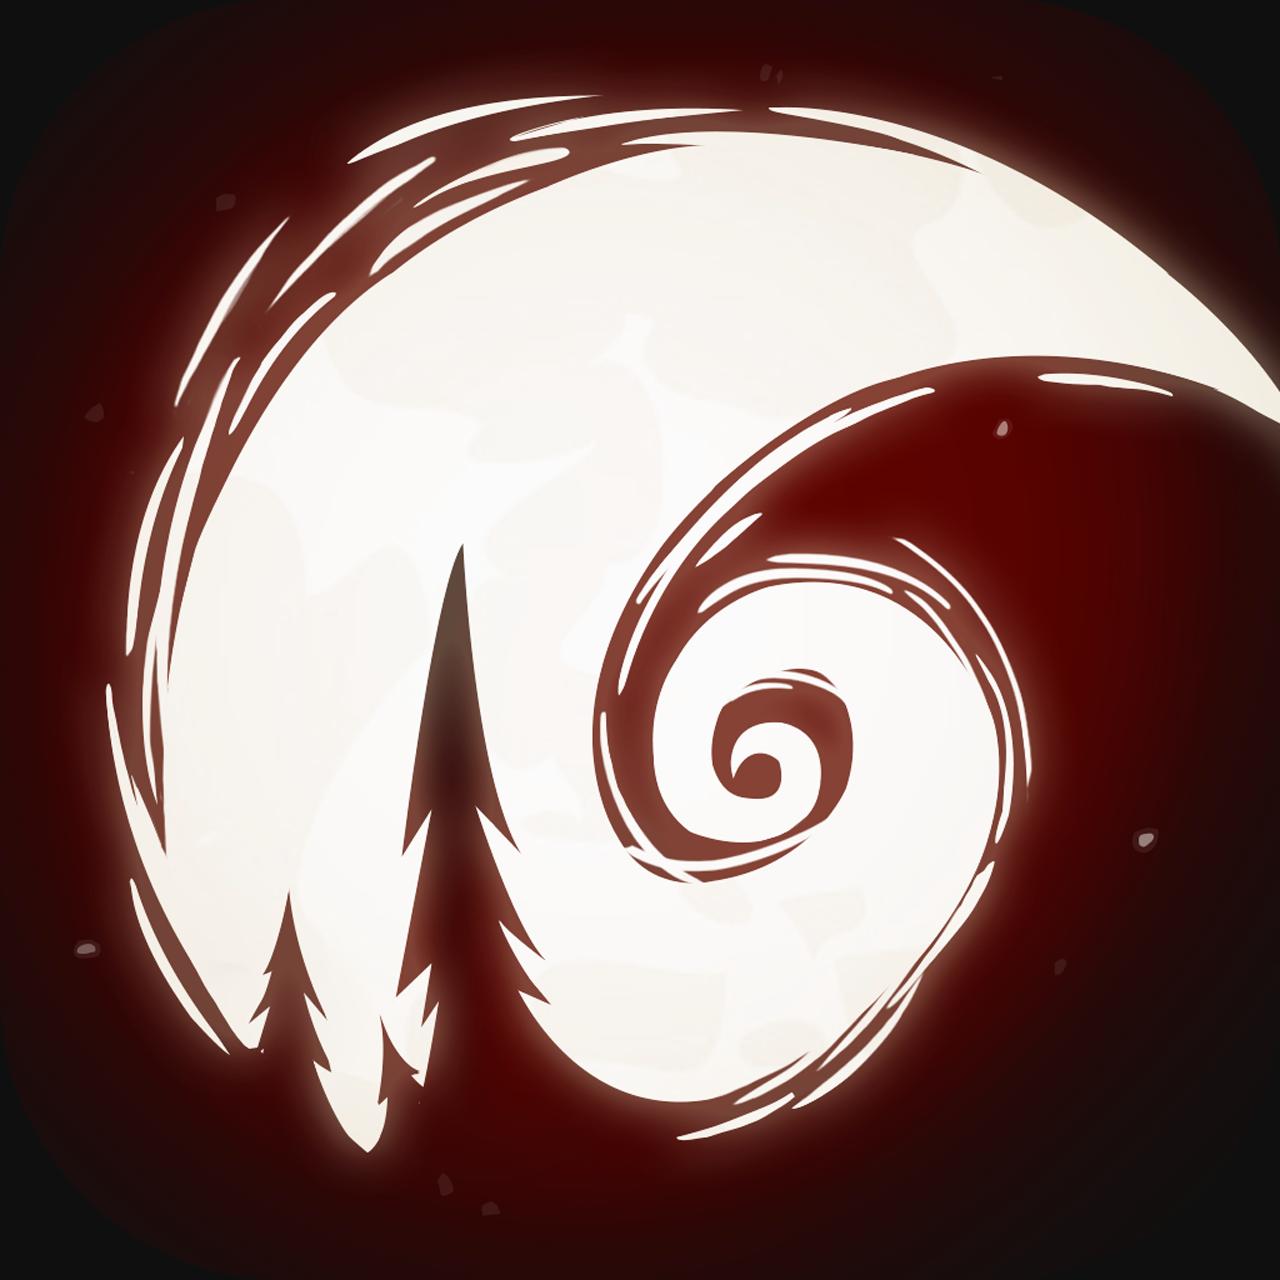 月圆之夜——魔术的幕帘幕